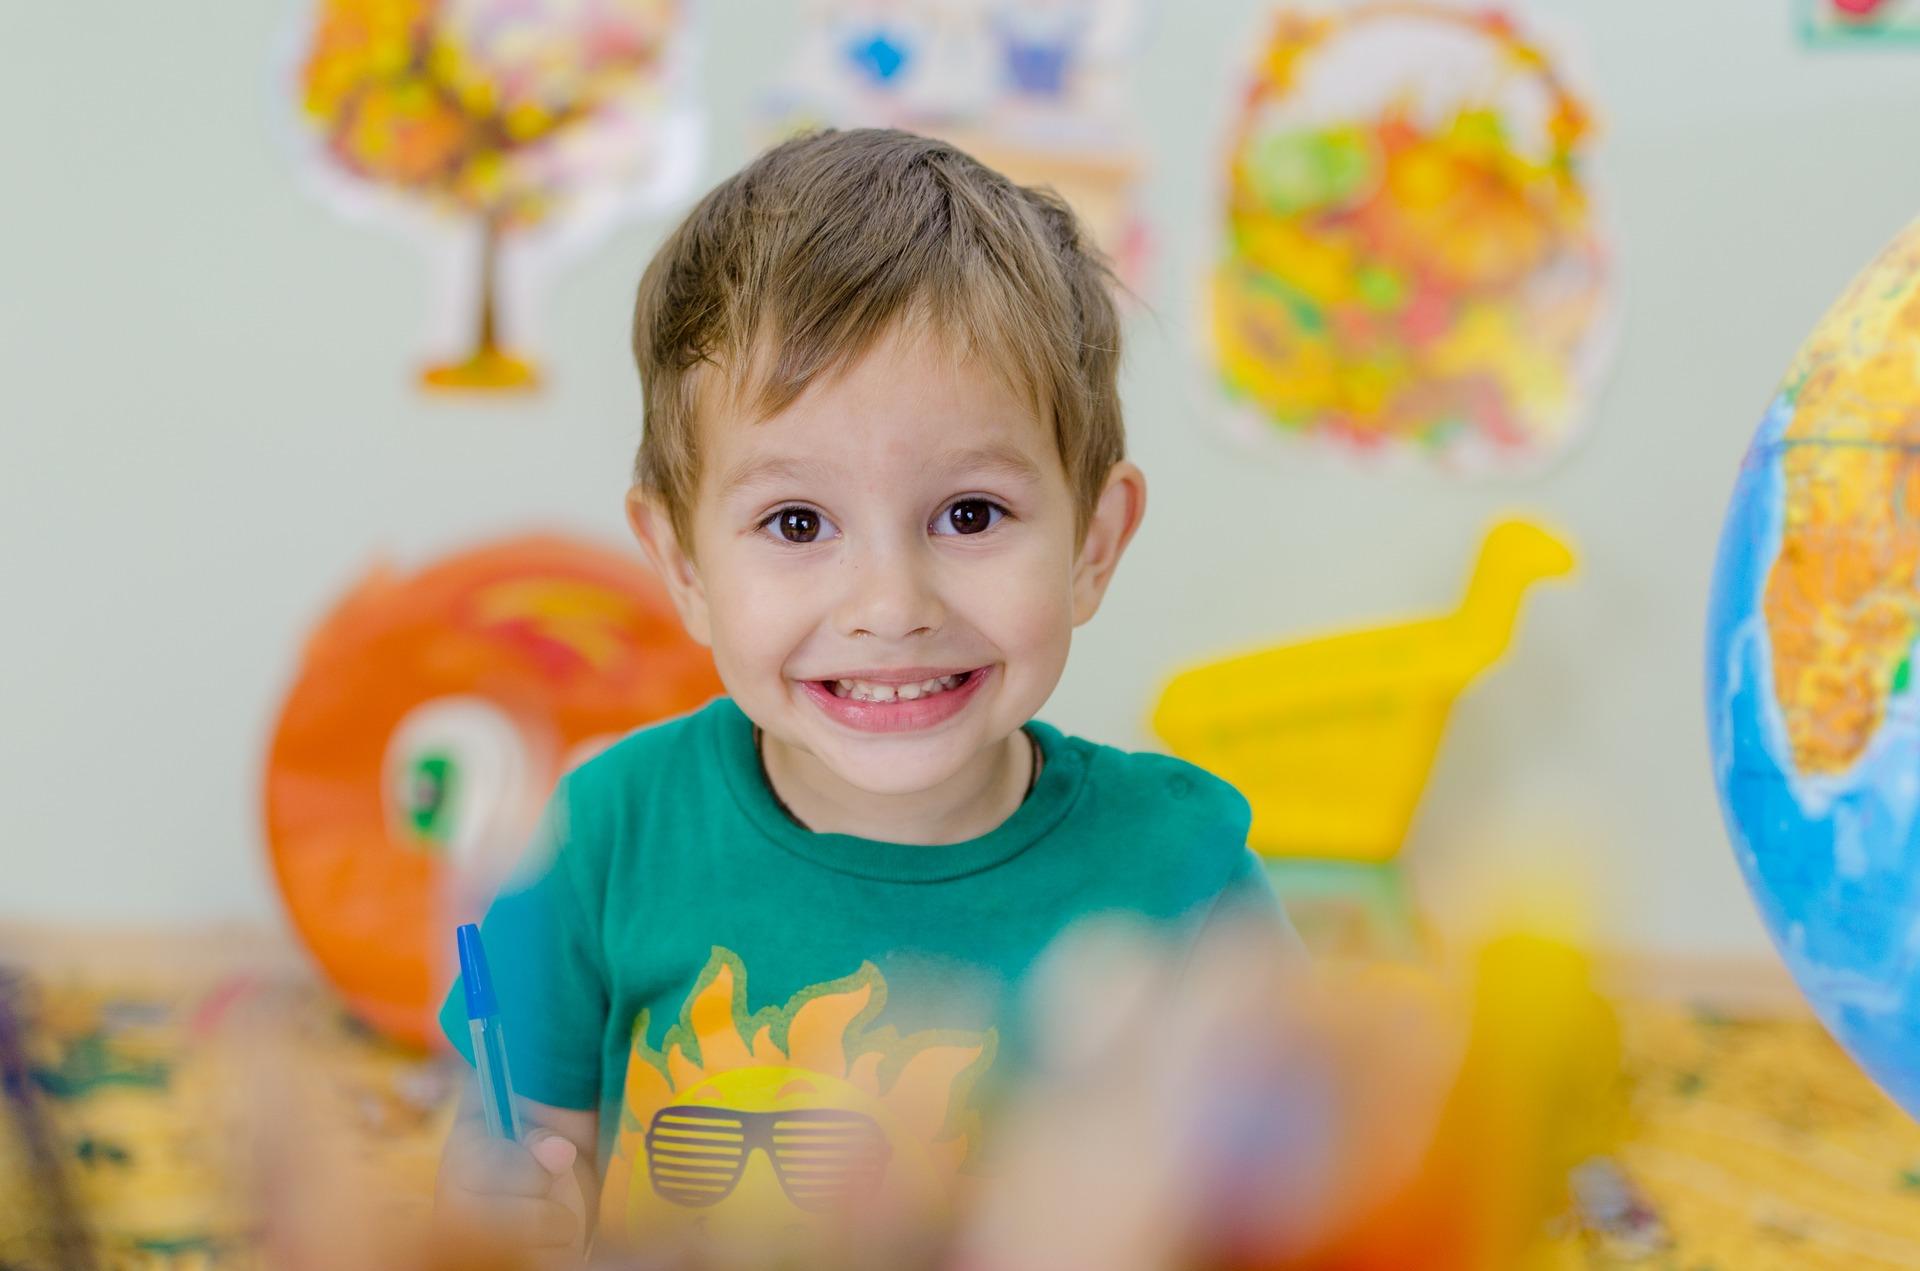 Enfant heureux d'apprendre en s'amusant